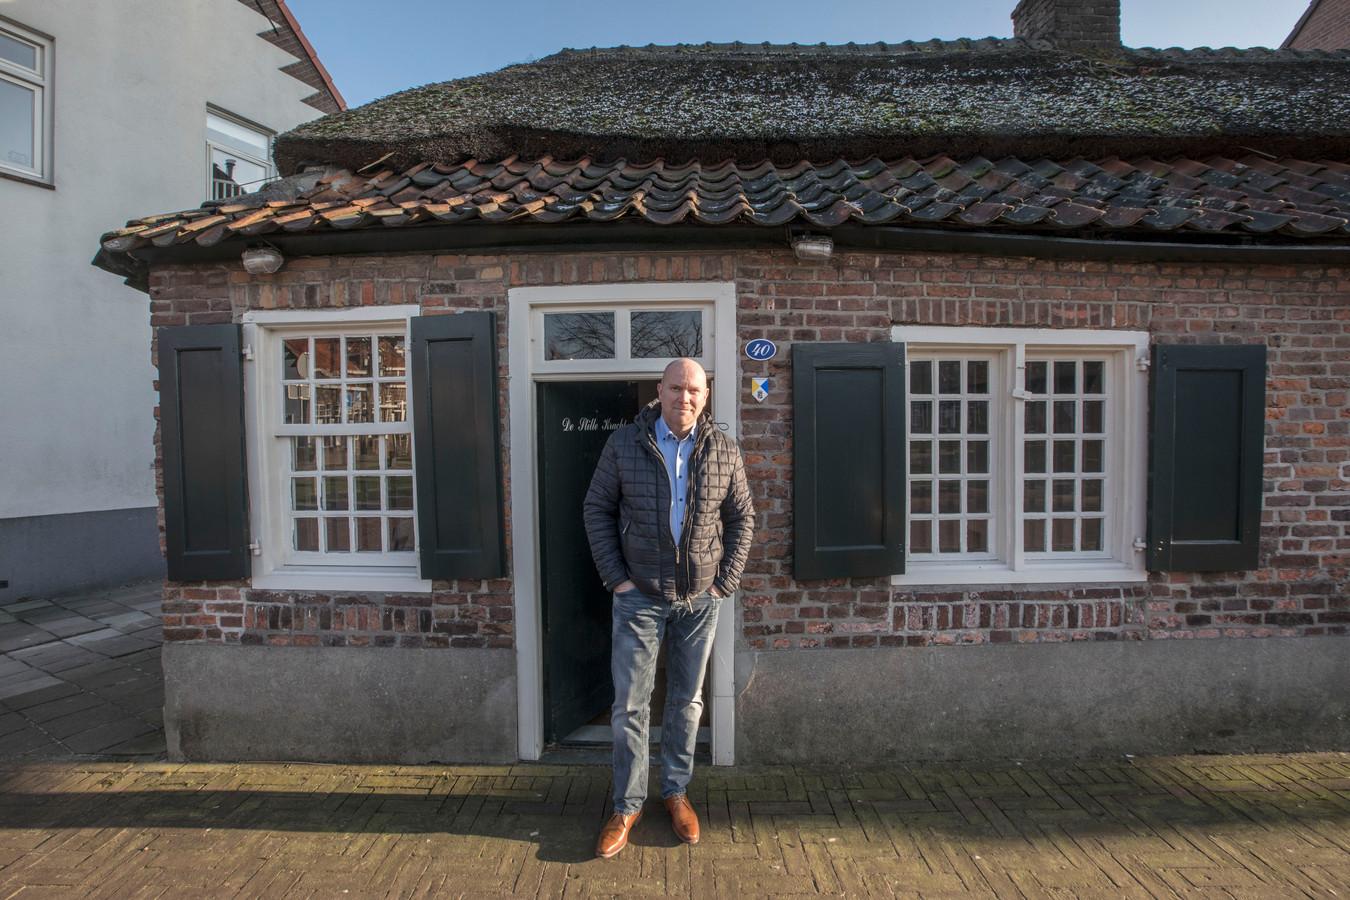 Arjan van de Vondervoort.